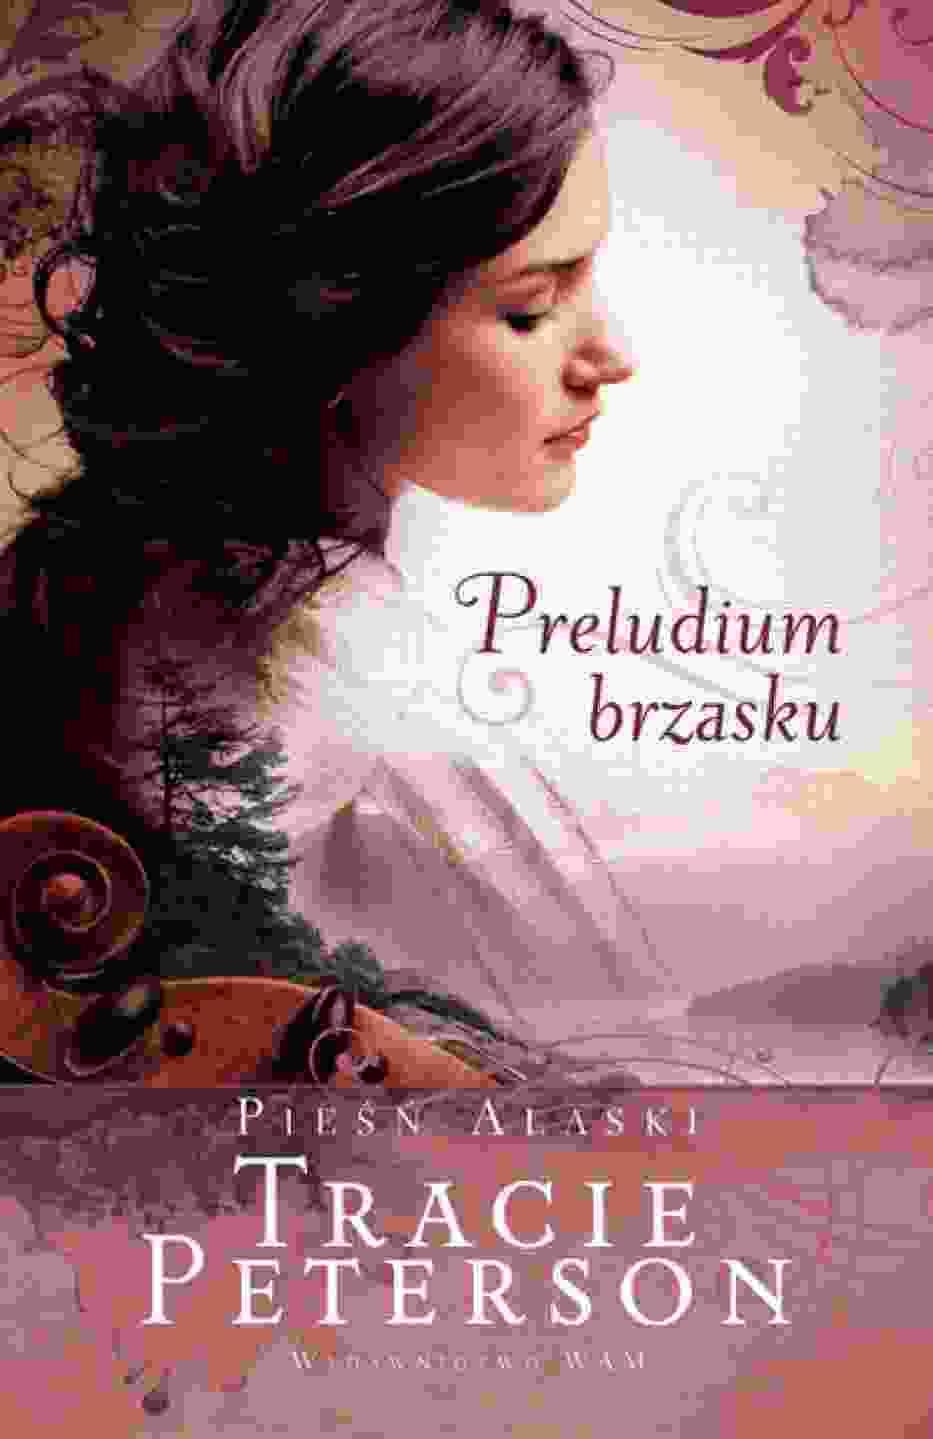 Okładkę książki, według oryginału, opracował Andrzej Sochacki